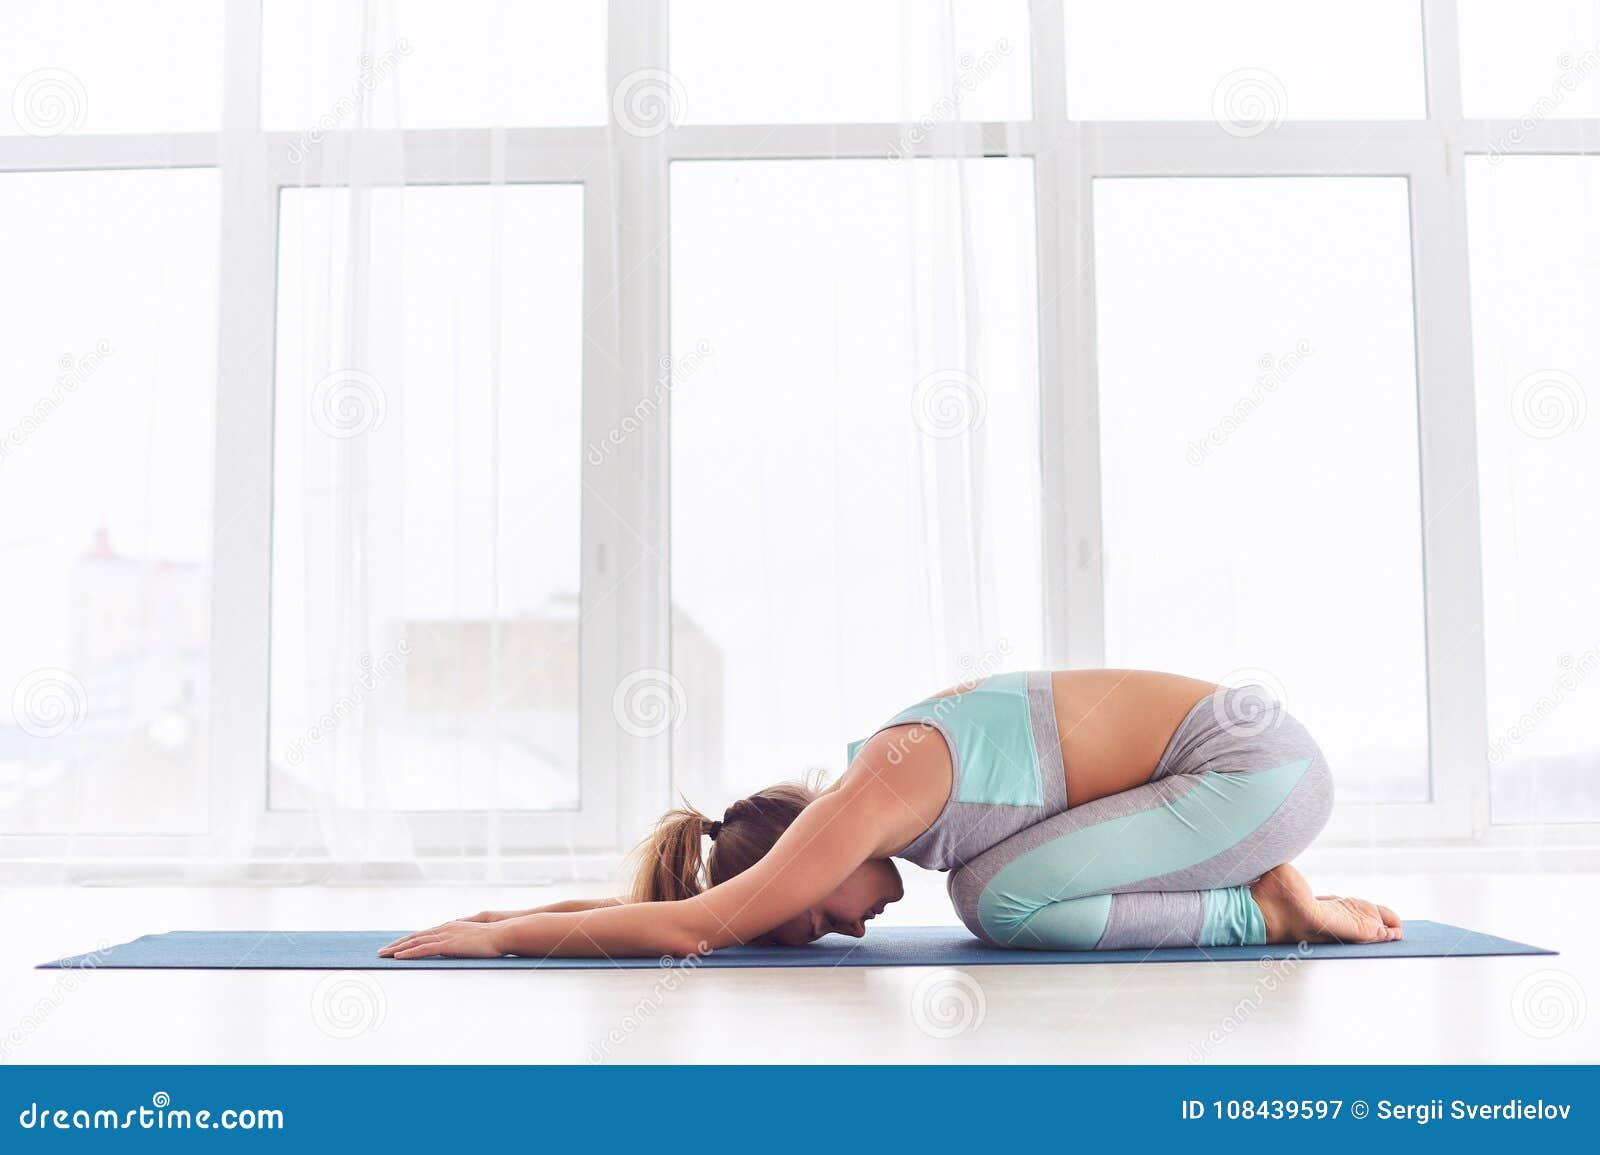 Beautiful Woman Practices Yoga Asana Balasana   Child`s Pose At ...